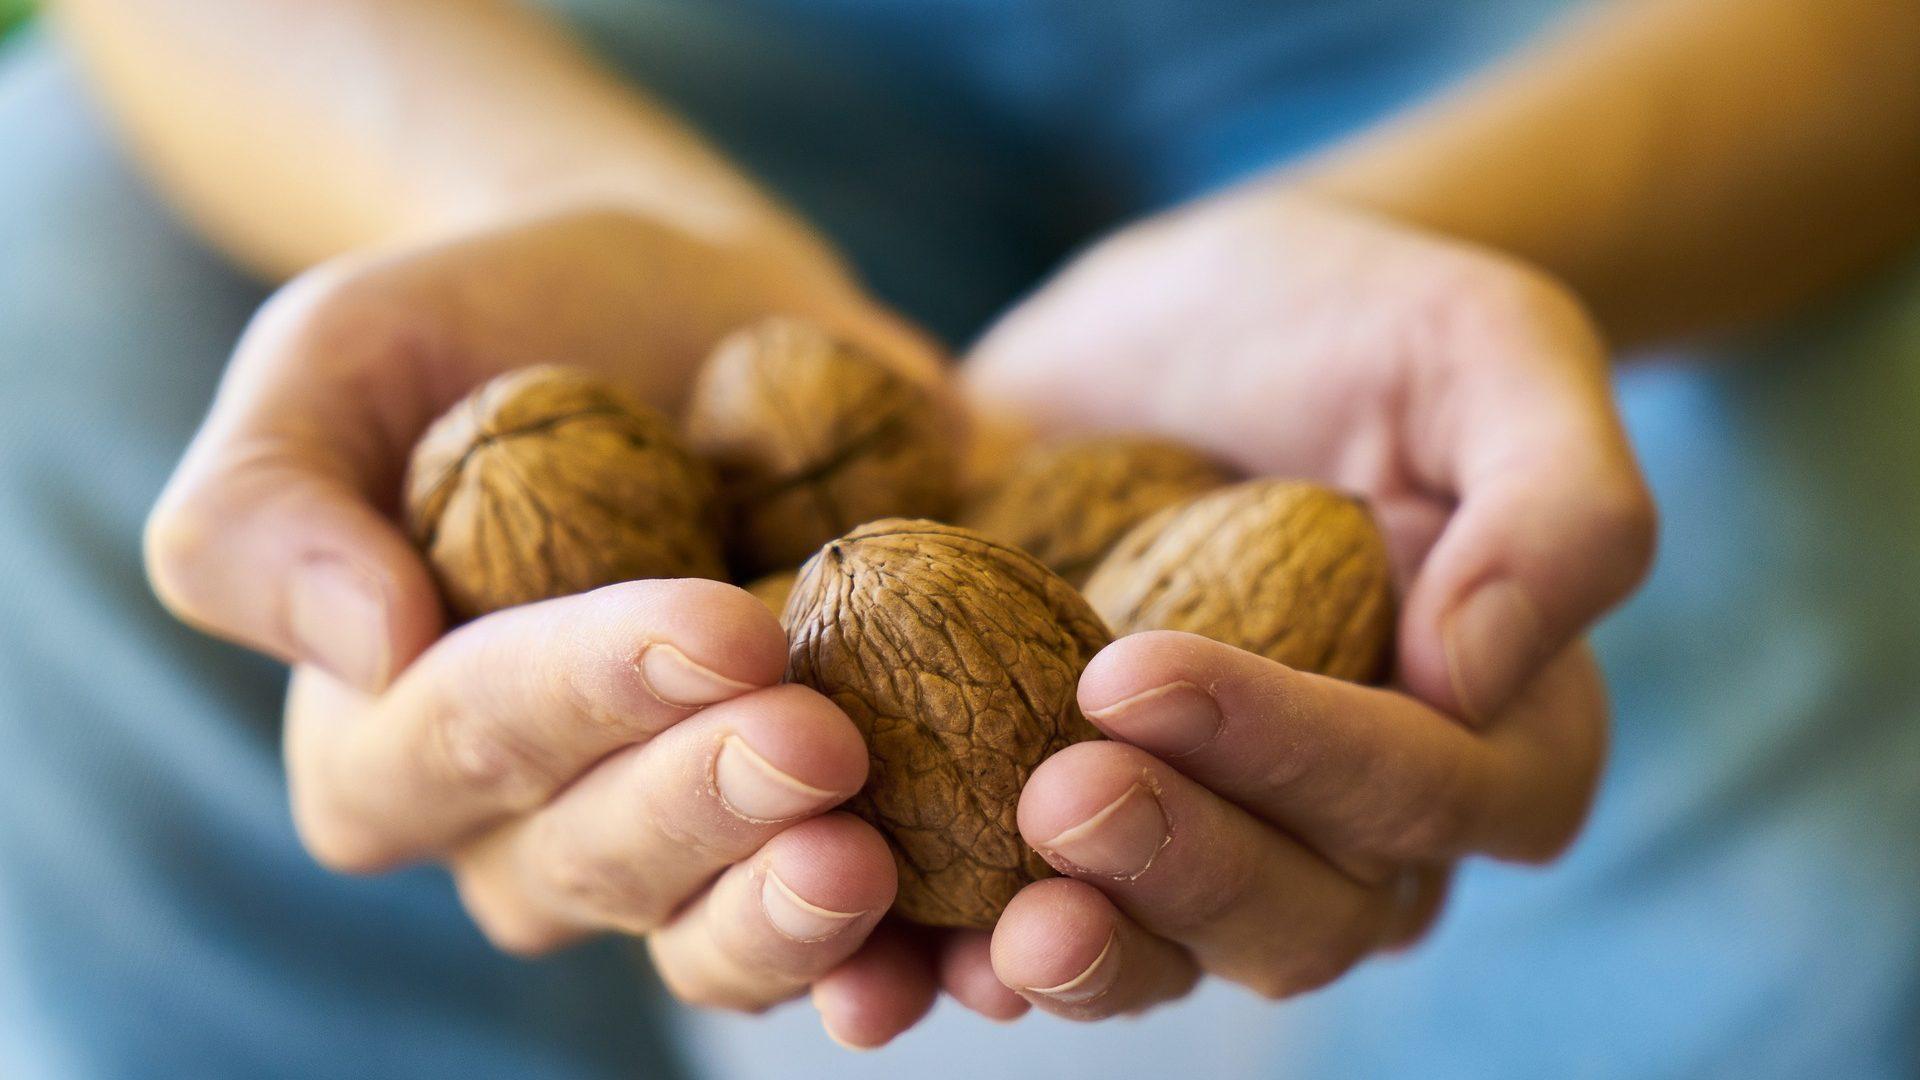 walnut-3658645_1920